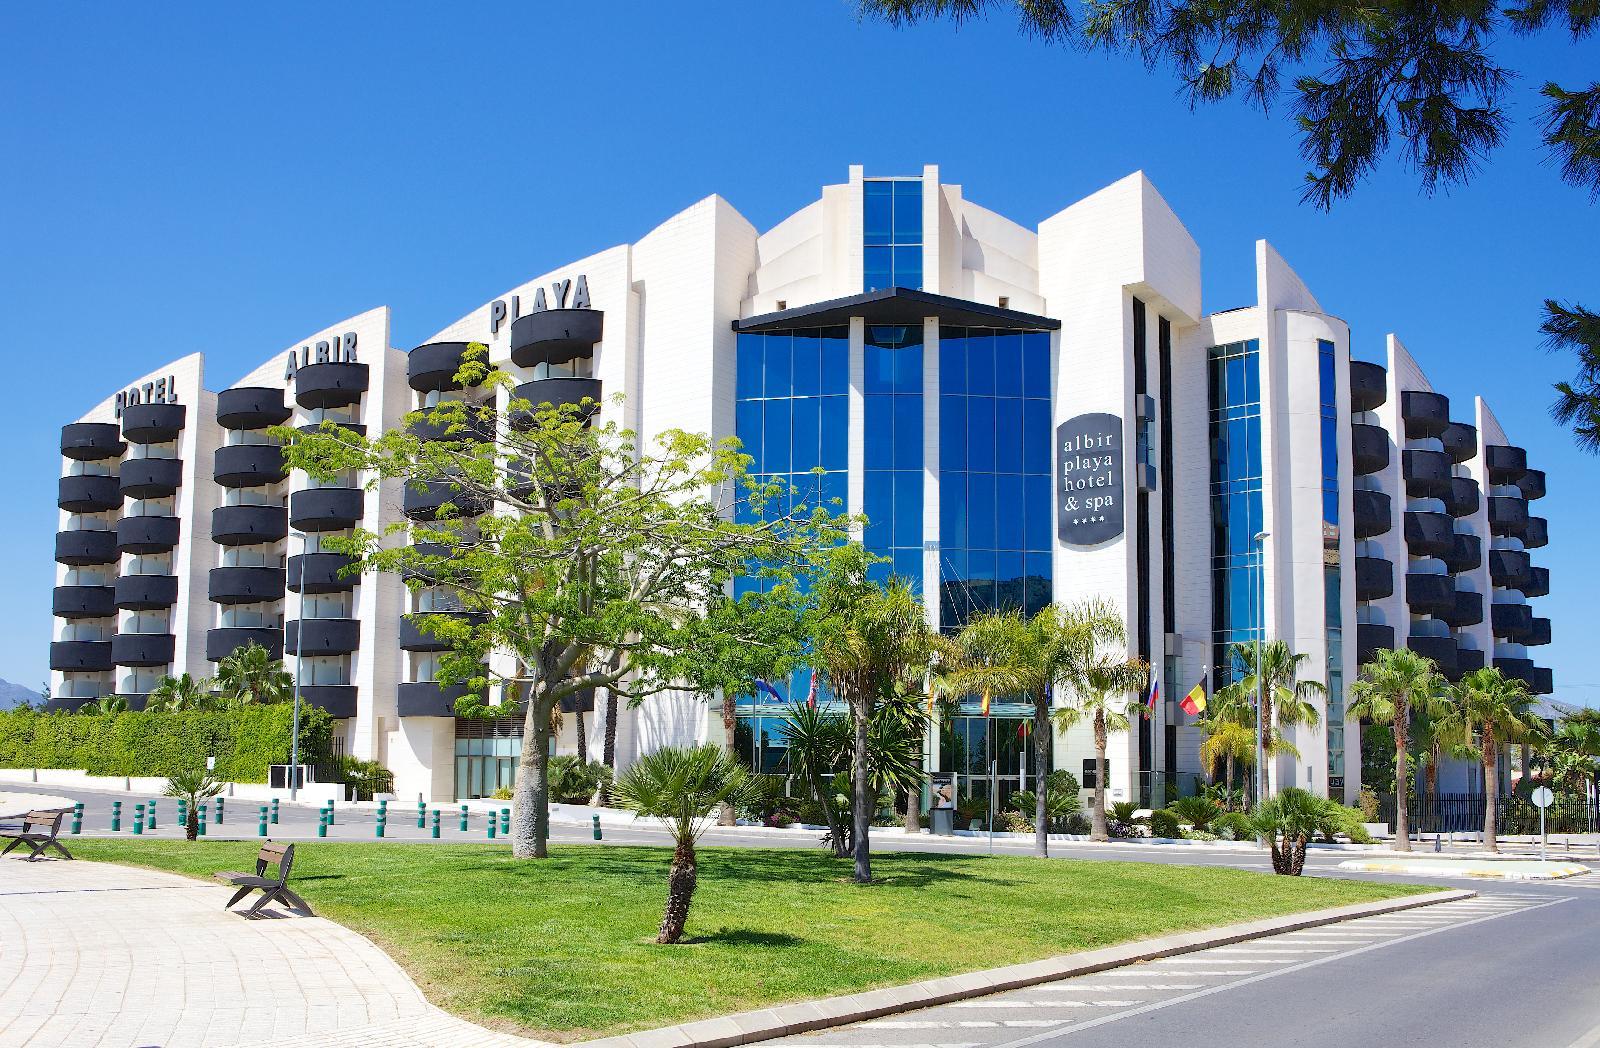 Albir Playa Hotel & Spa en Alfaz del Pi - Costa Blanca desde 59 €